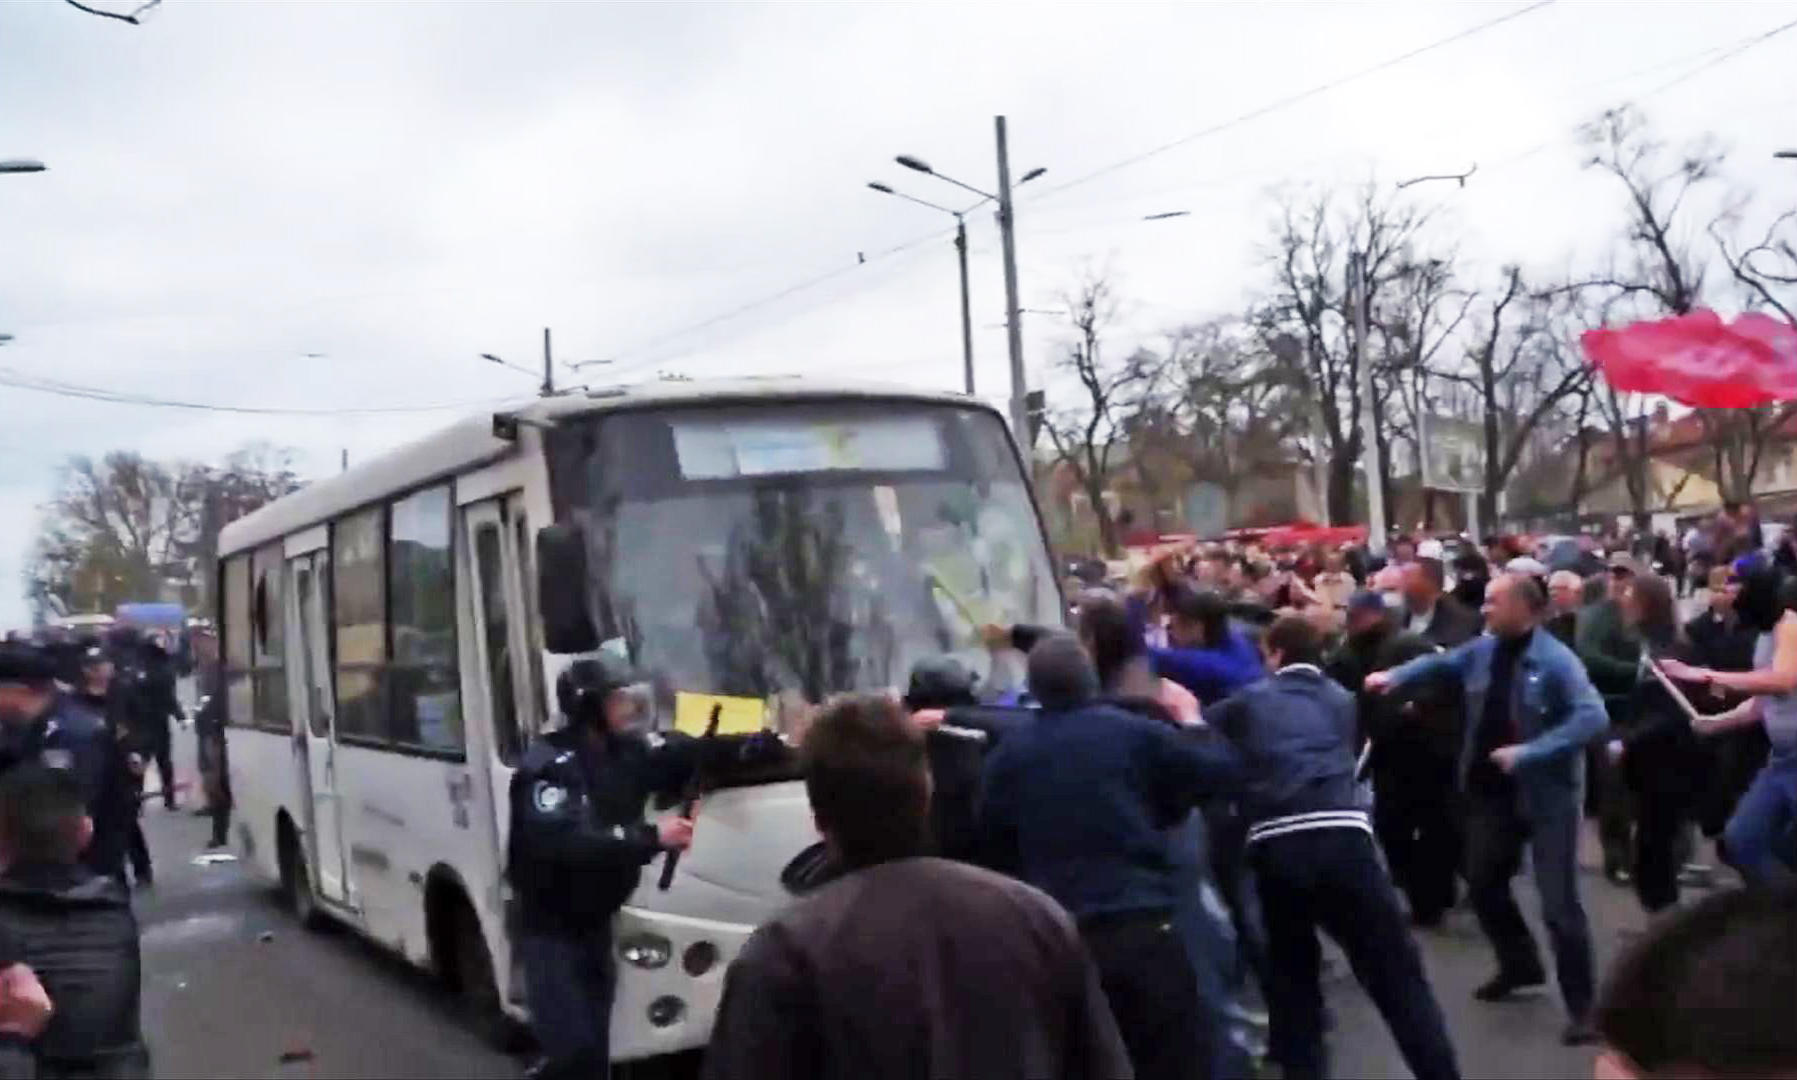 """Жители Одессы блокируют автобус с активистами """"Правого сектора"""". Видео: You Tube, пользователь: Zhitel UA"""